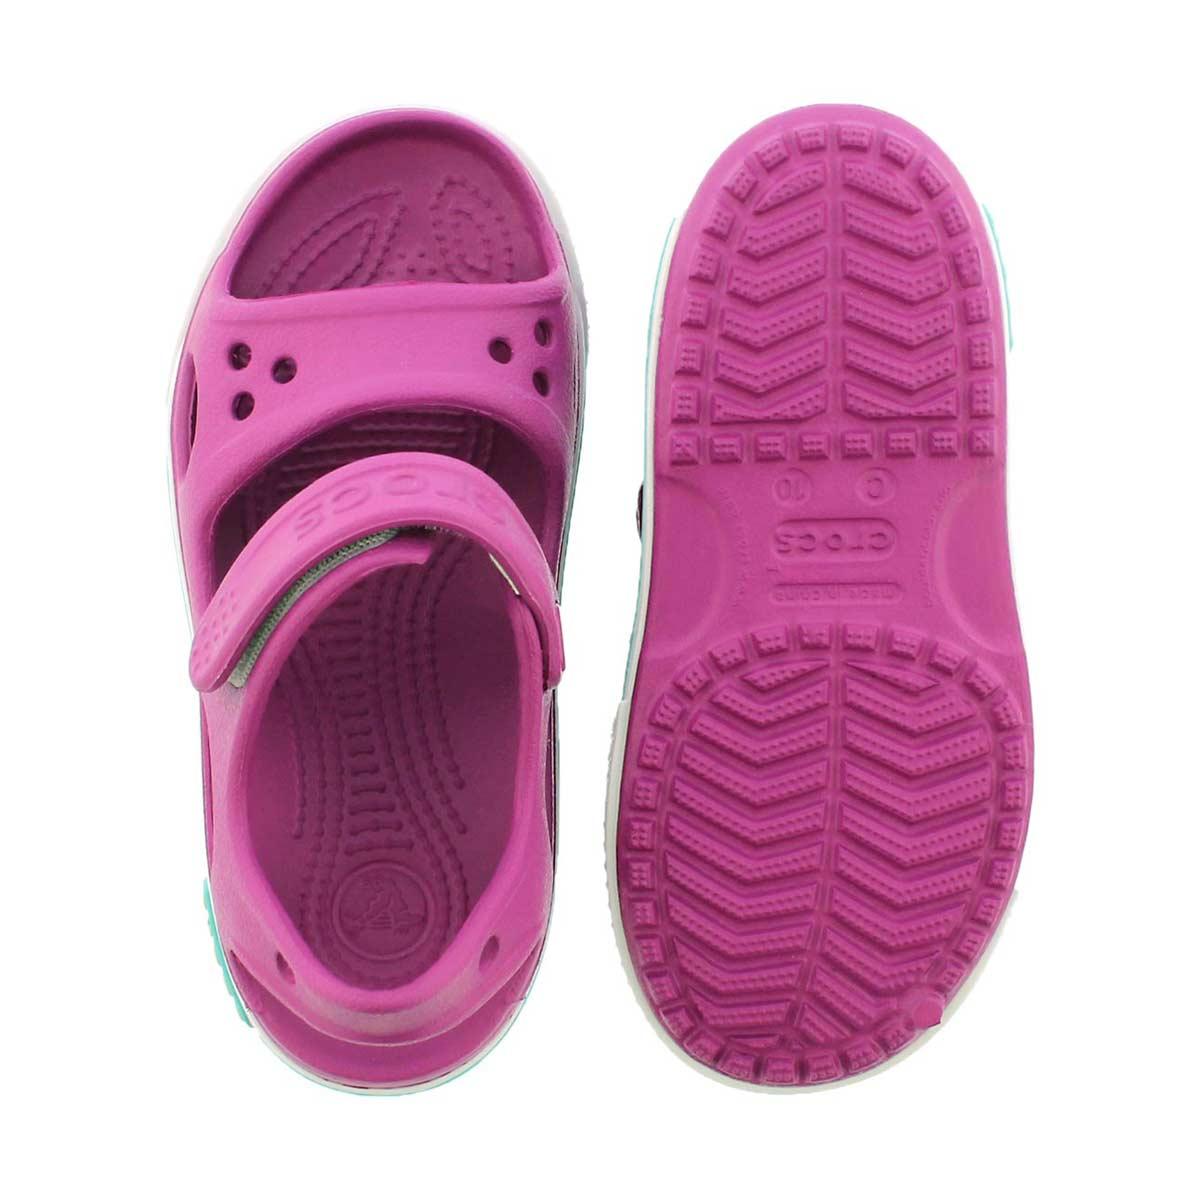 Grls Crocband II violet sport sandal